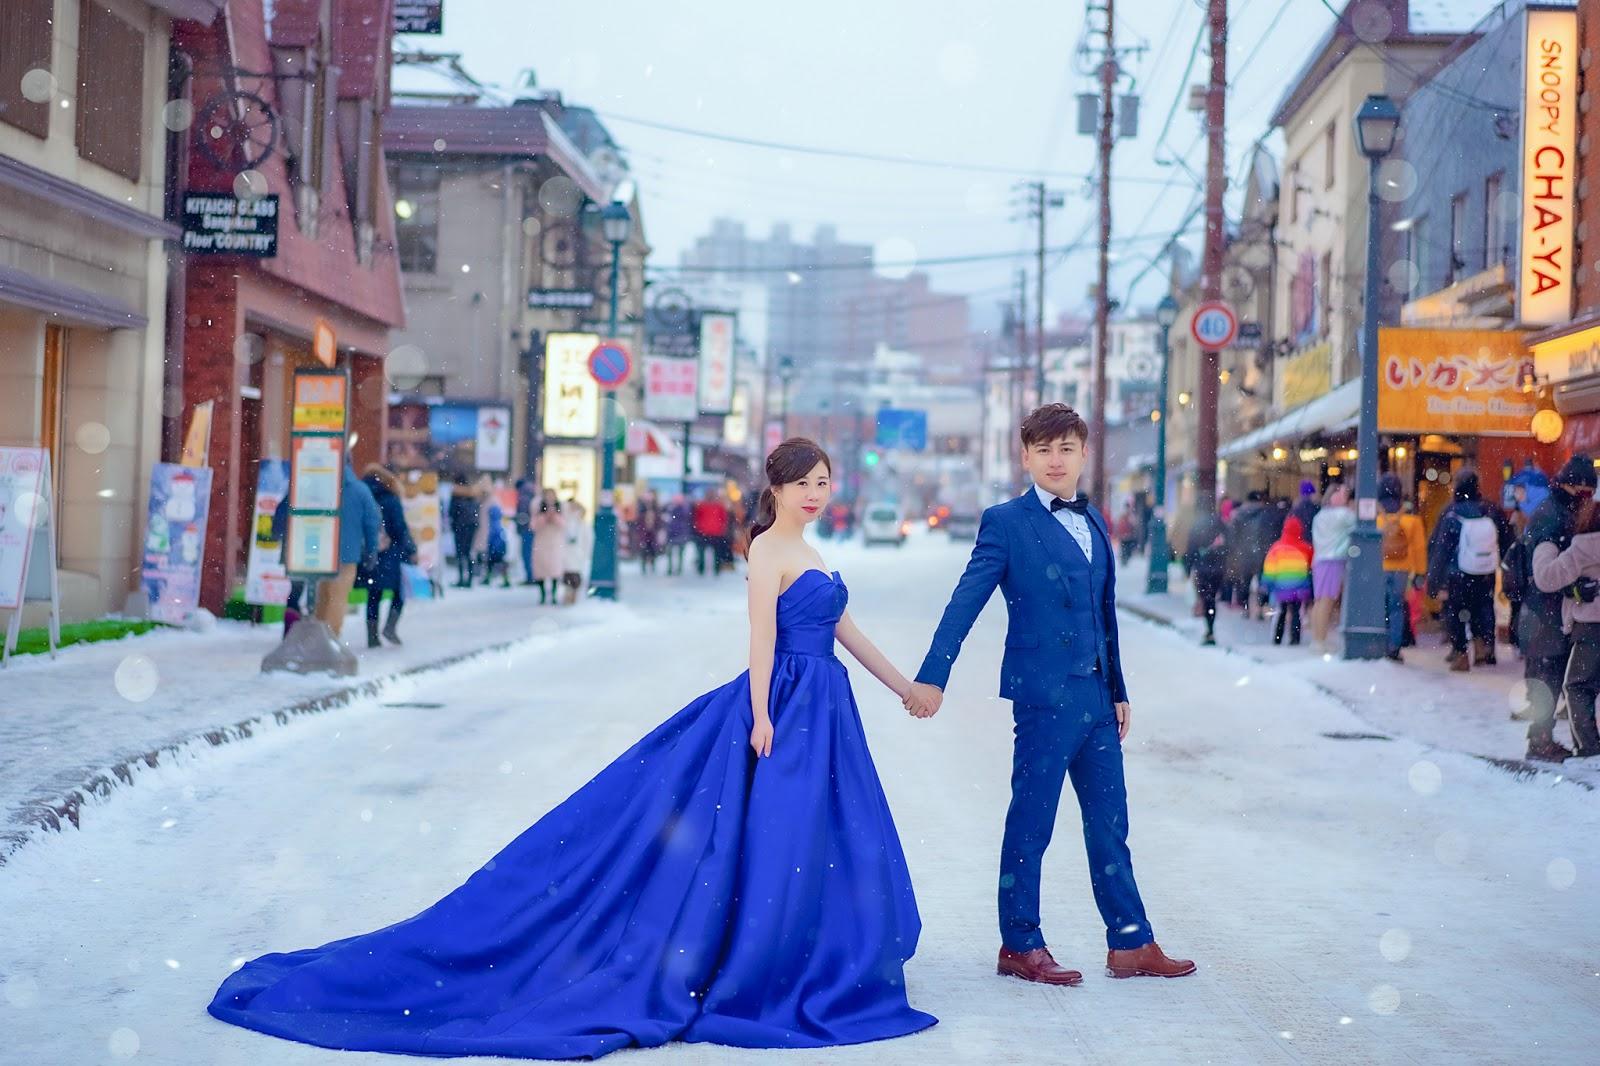 北海道婚紗/日本海外婚紗/下雪/小樽/札幌/雪天使/雪地婚紗/世界最美的北海道雪景婚紗/台北海外婚紗推薦/瑪朵婚紗